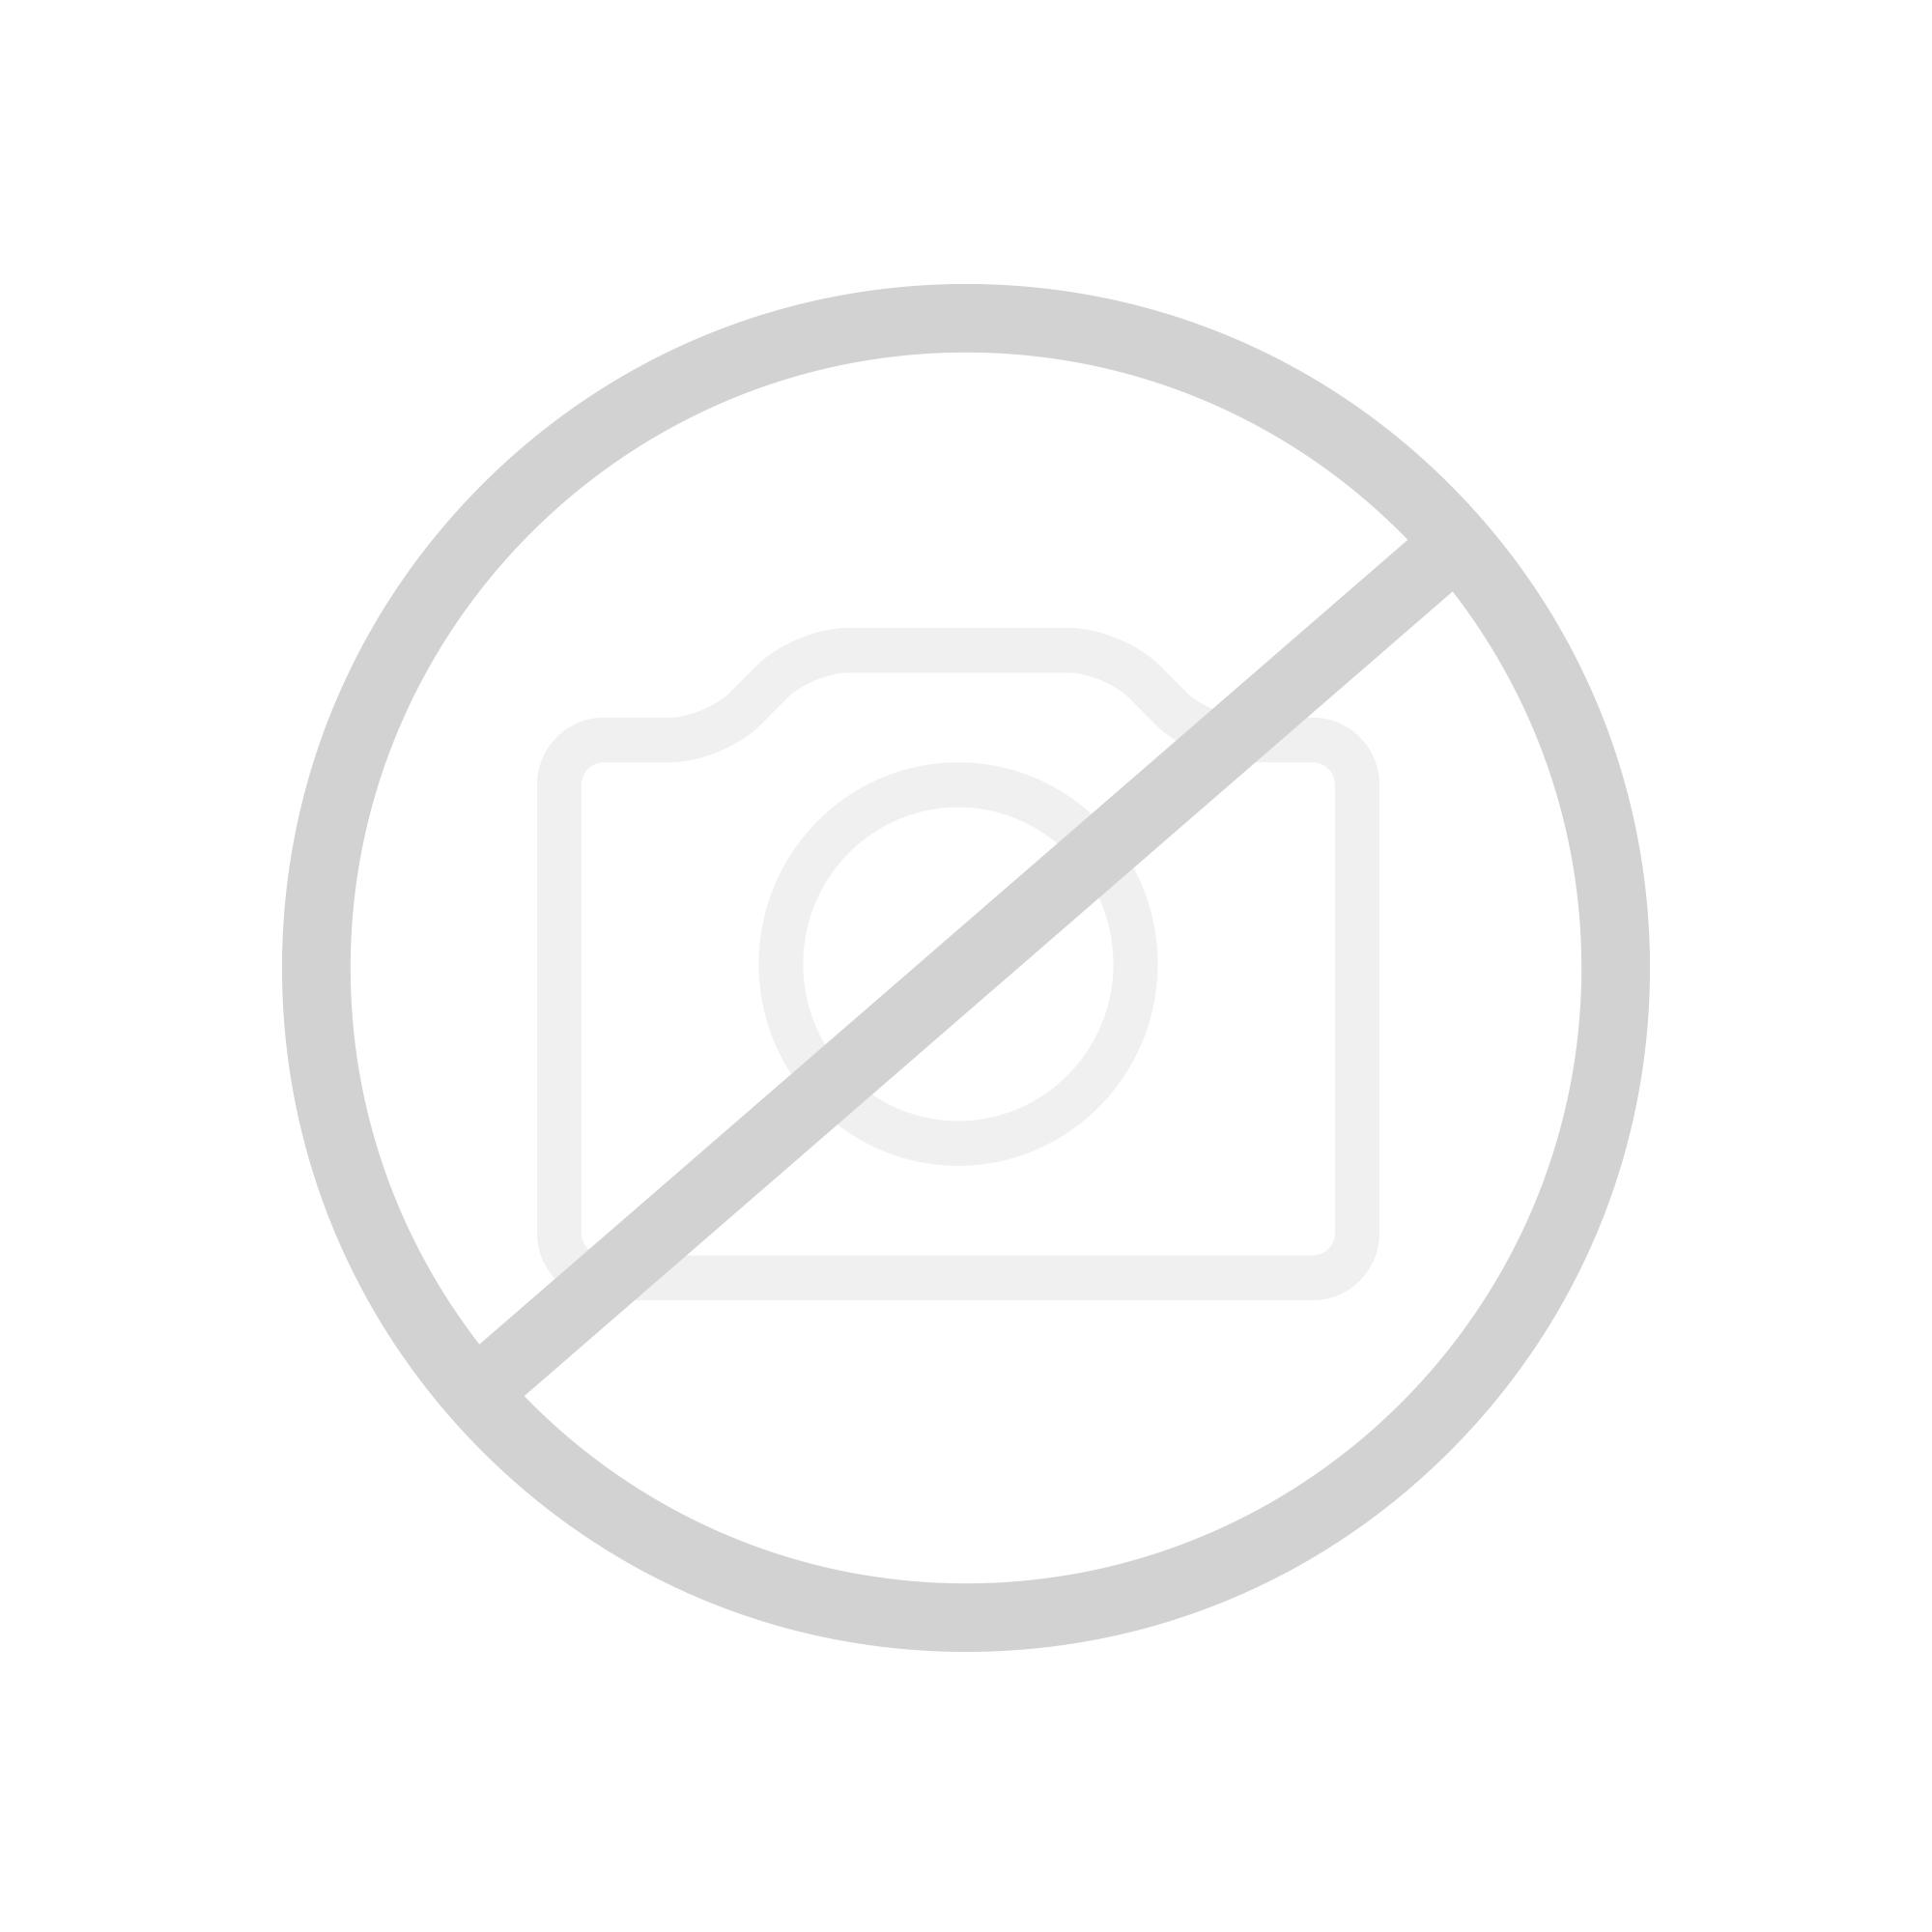 Hansgrohe Axor Starck Fixfit Schlauchanschluss